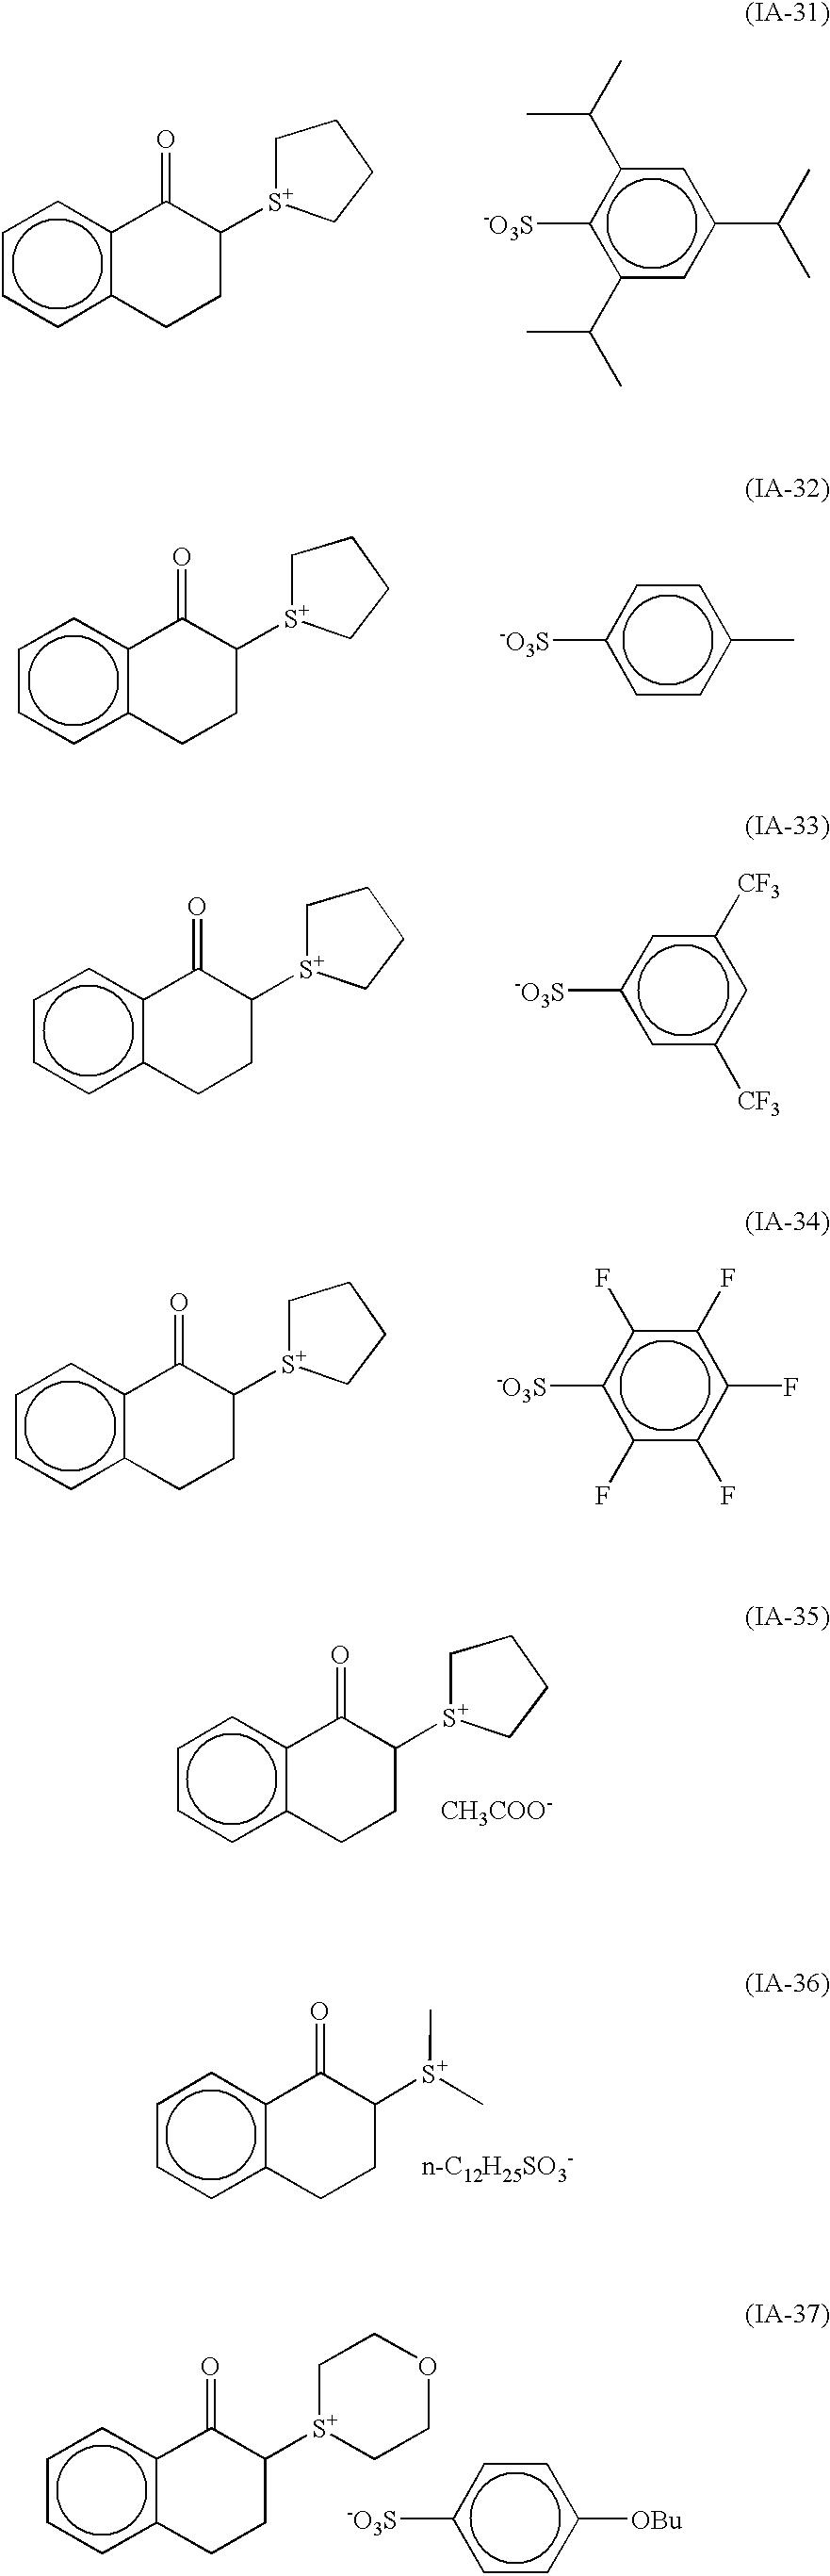 Figure US20030186161A1-20031002-C00024